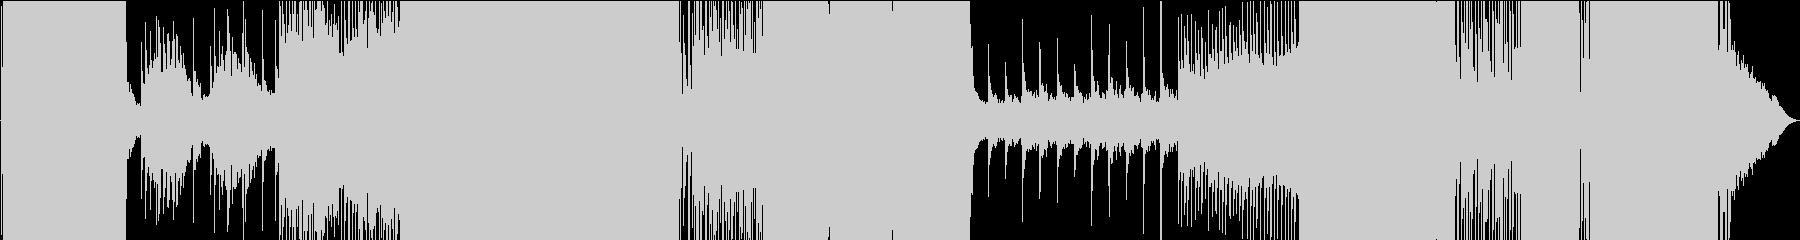 起伏のあるミディアムテンポのEDMの未再生の波形